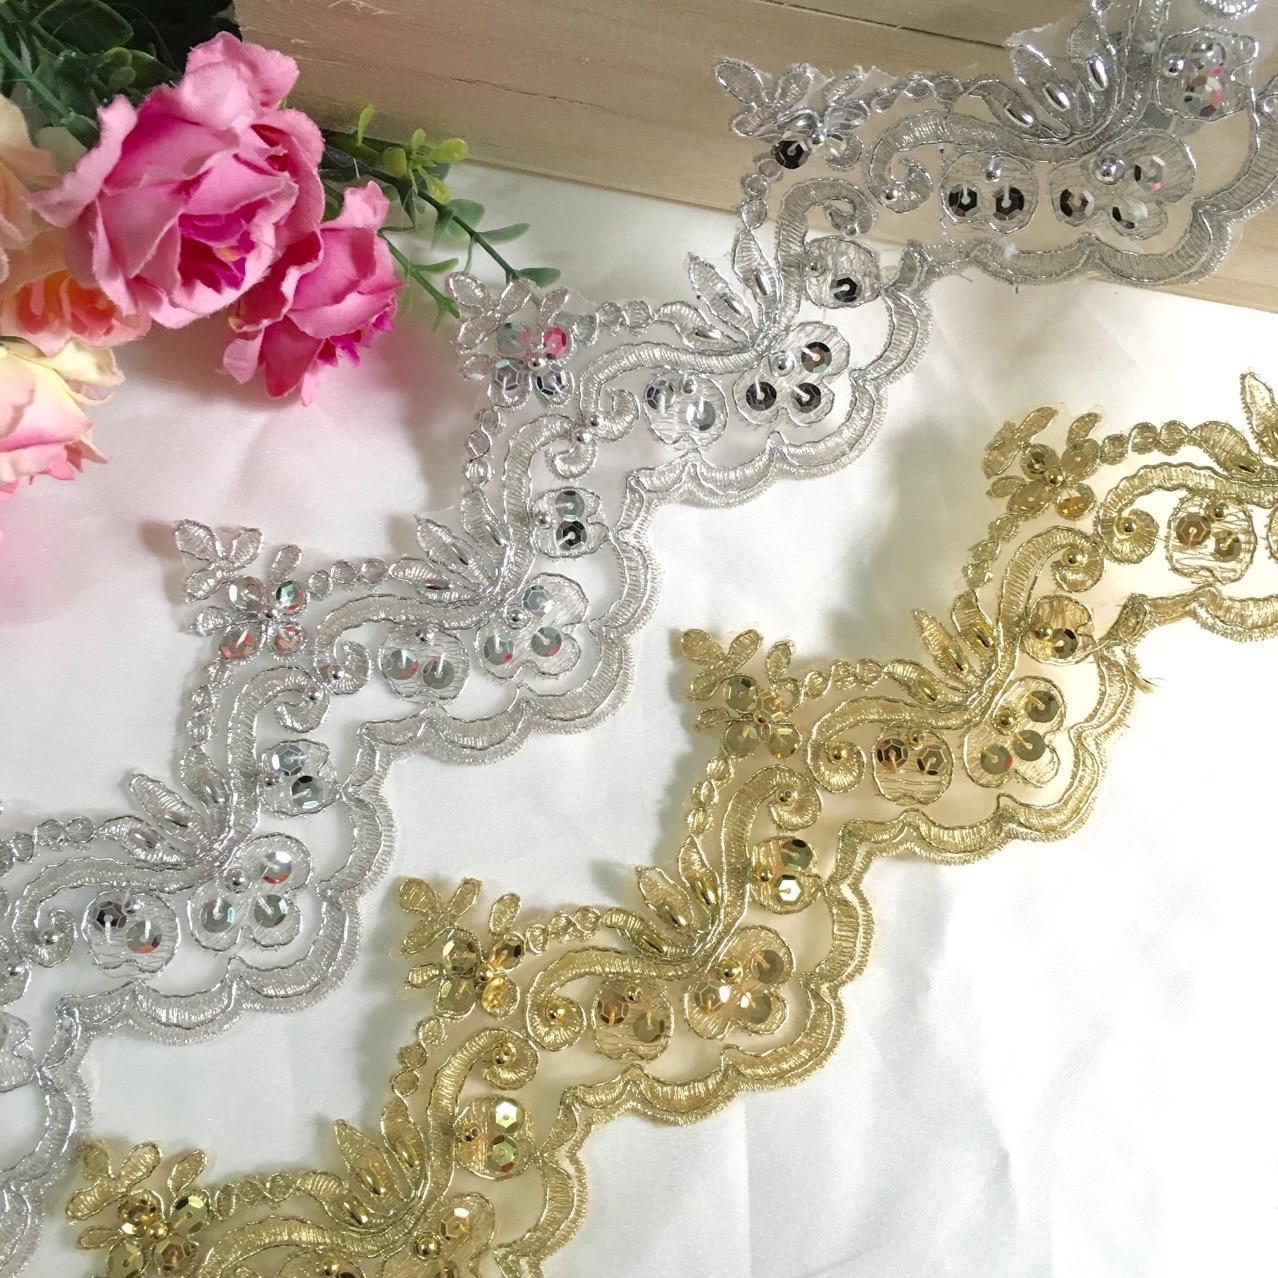 3 ярда/лот классические цвета: золотистый, серебристый бисер автомобиль кости Кружева отделка одежды свадебное платье из фатина с блестками...